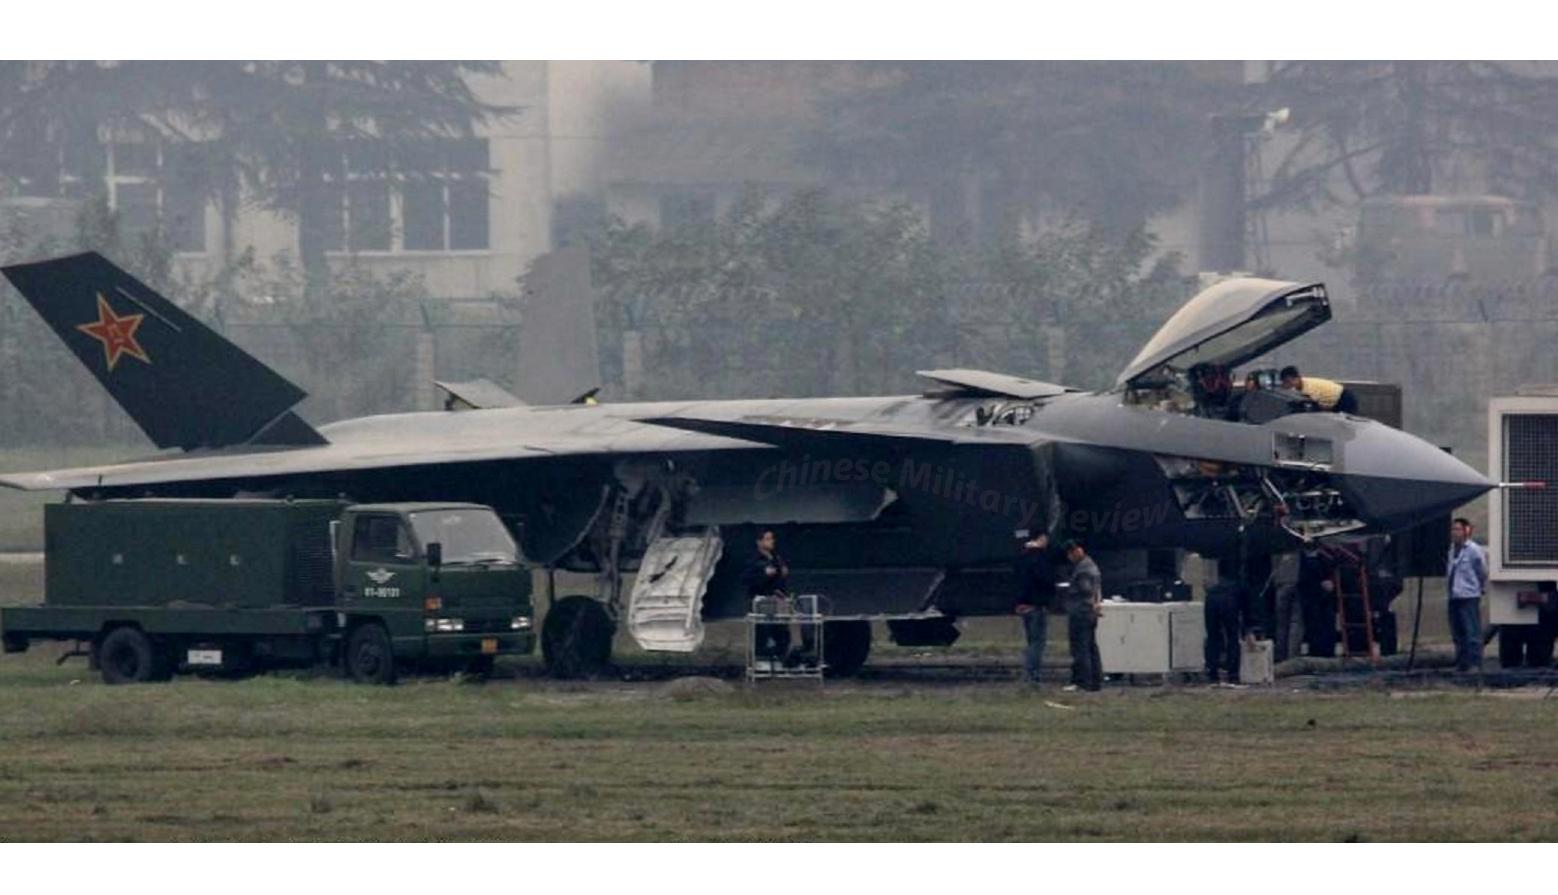 المقاتلة الصينية J-20 Mighty Dragon المولود غير الشرعي Chinese%2BJ-20%2BMighty%2BDragon%2B%2B2003%2BChengdu%2BJ-20%2Bfifth%2Bgeneration%2Bstealth,2002%2BAESA%2BRADAR%2Bthird%2Bfighter%2Baircraft%2Bprototype%2BPeople's%2BLiberation%2BArmy%2BAir%2BForce%2B%2BOPERATIONAL%2Bweapons%2Baam%2Bbvr%2Bmissile%2Bls%2Bpgm%2Bgps%2B(3)